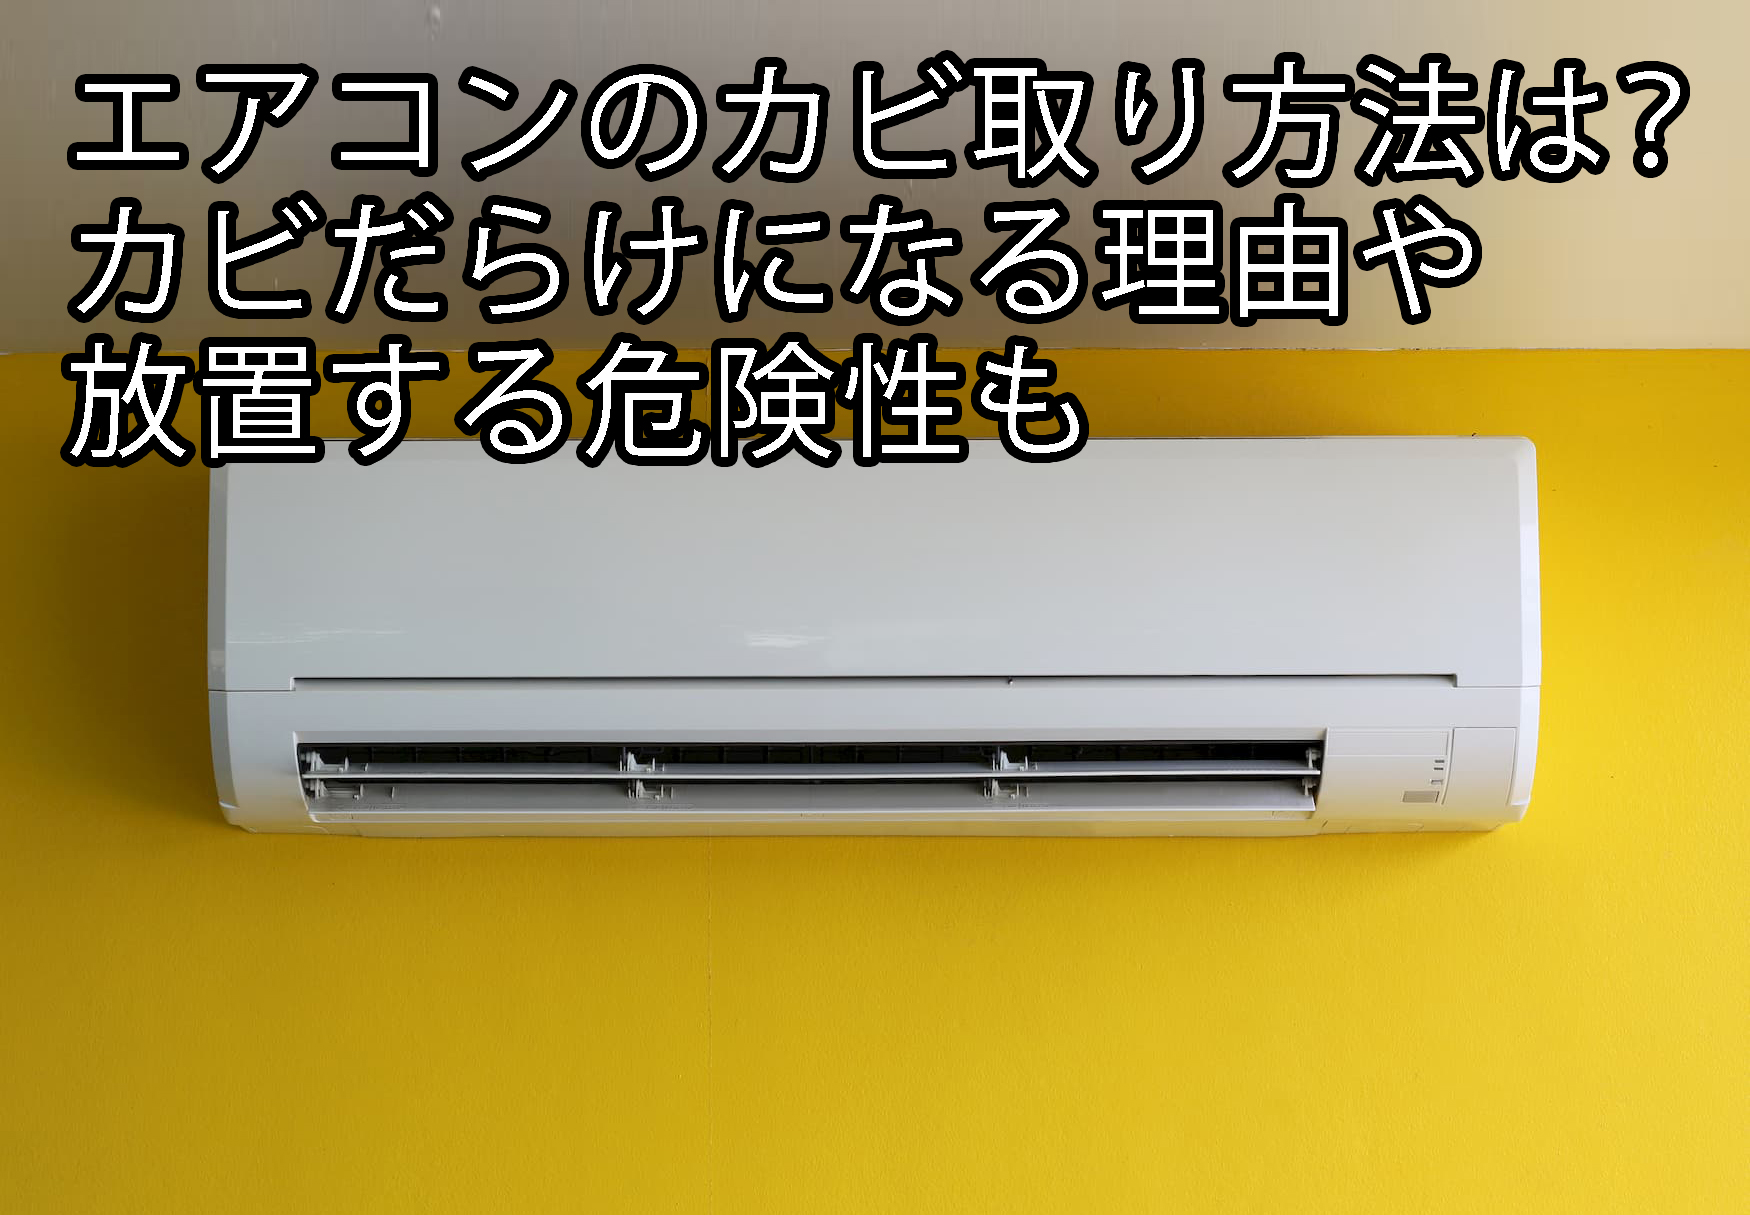 エアコンのカビ取り方法は?カビだらけになる理由や放置する危険性も